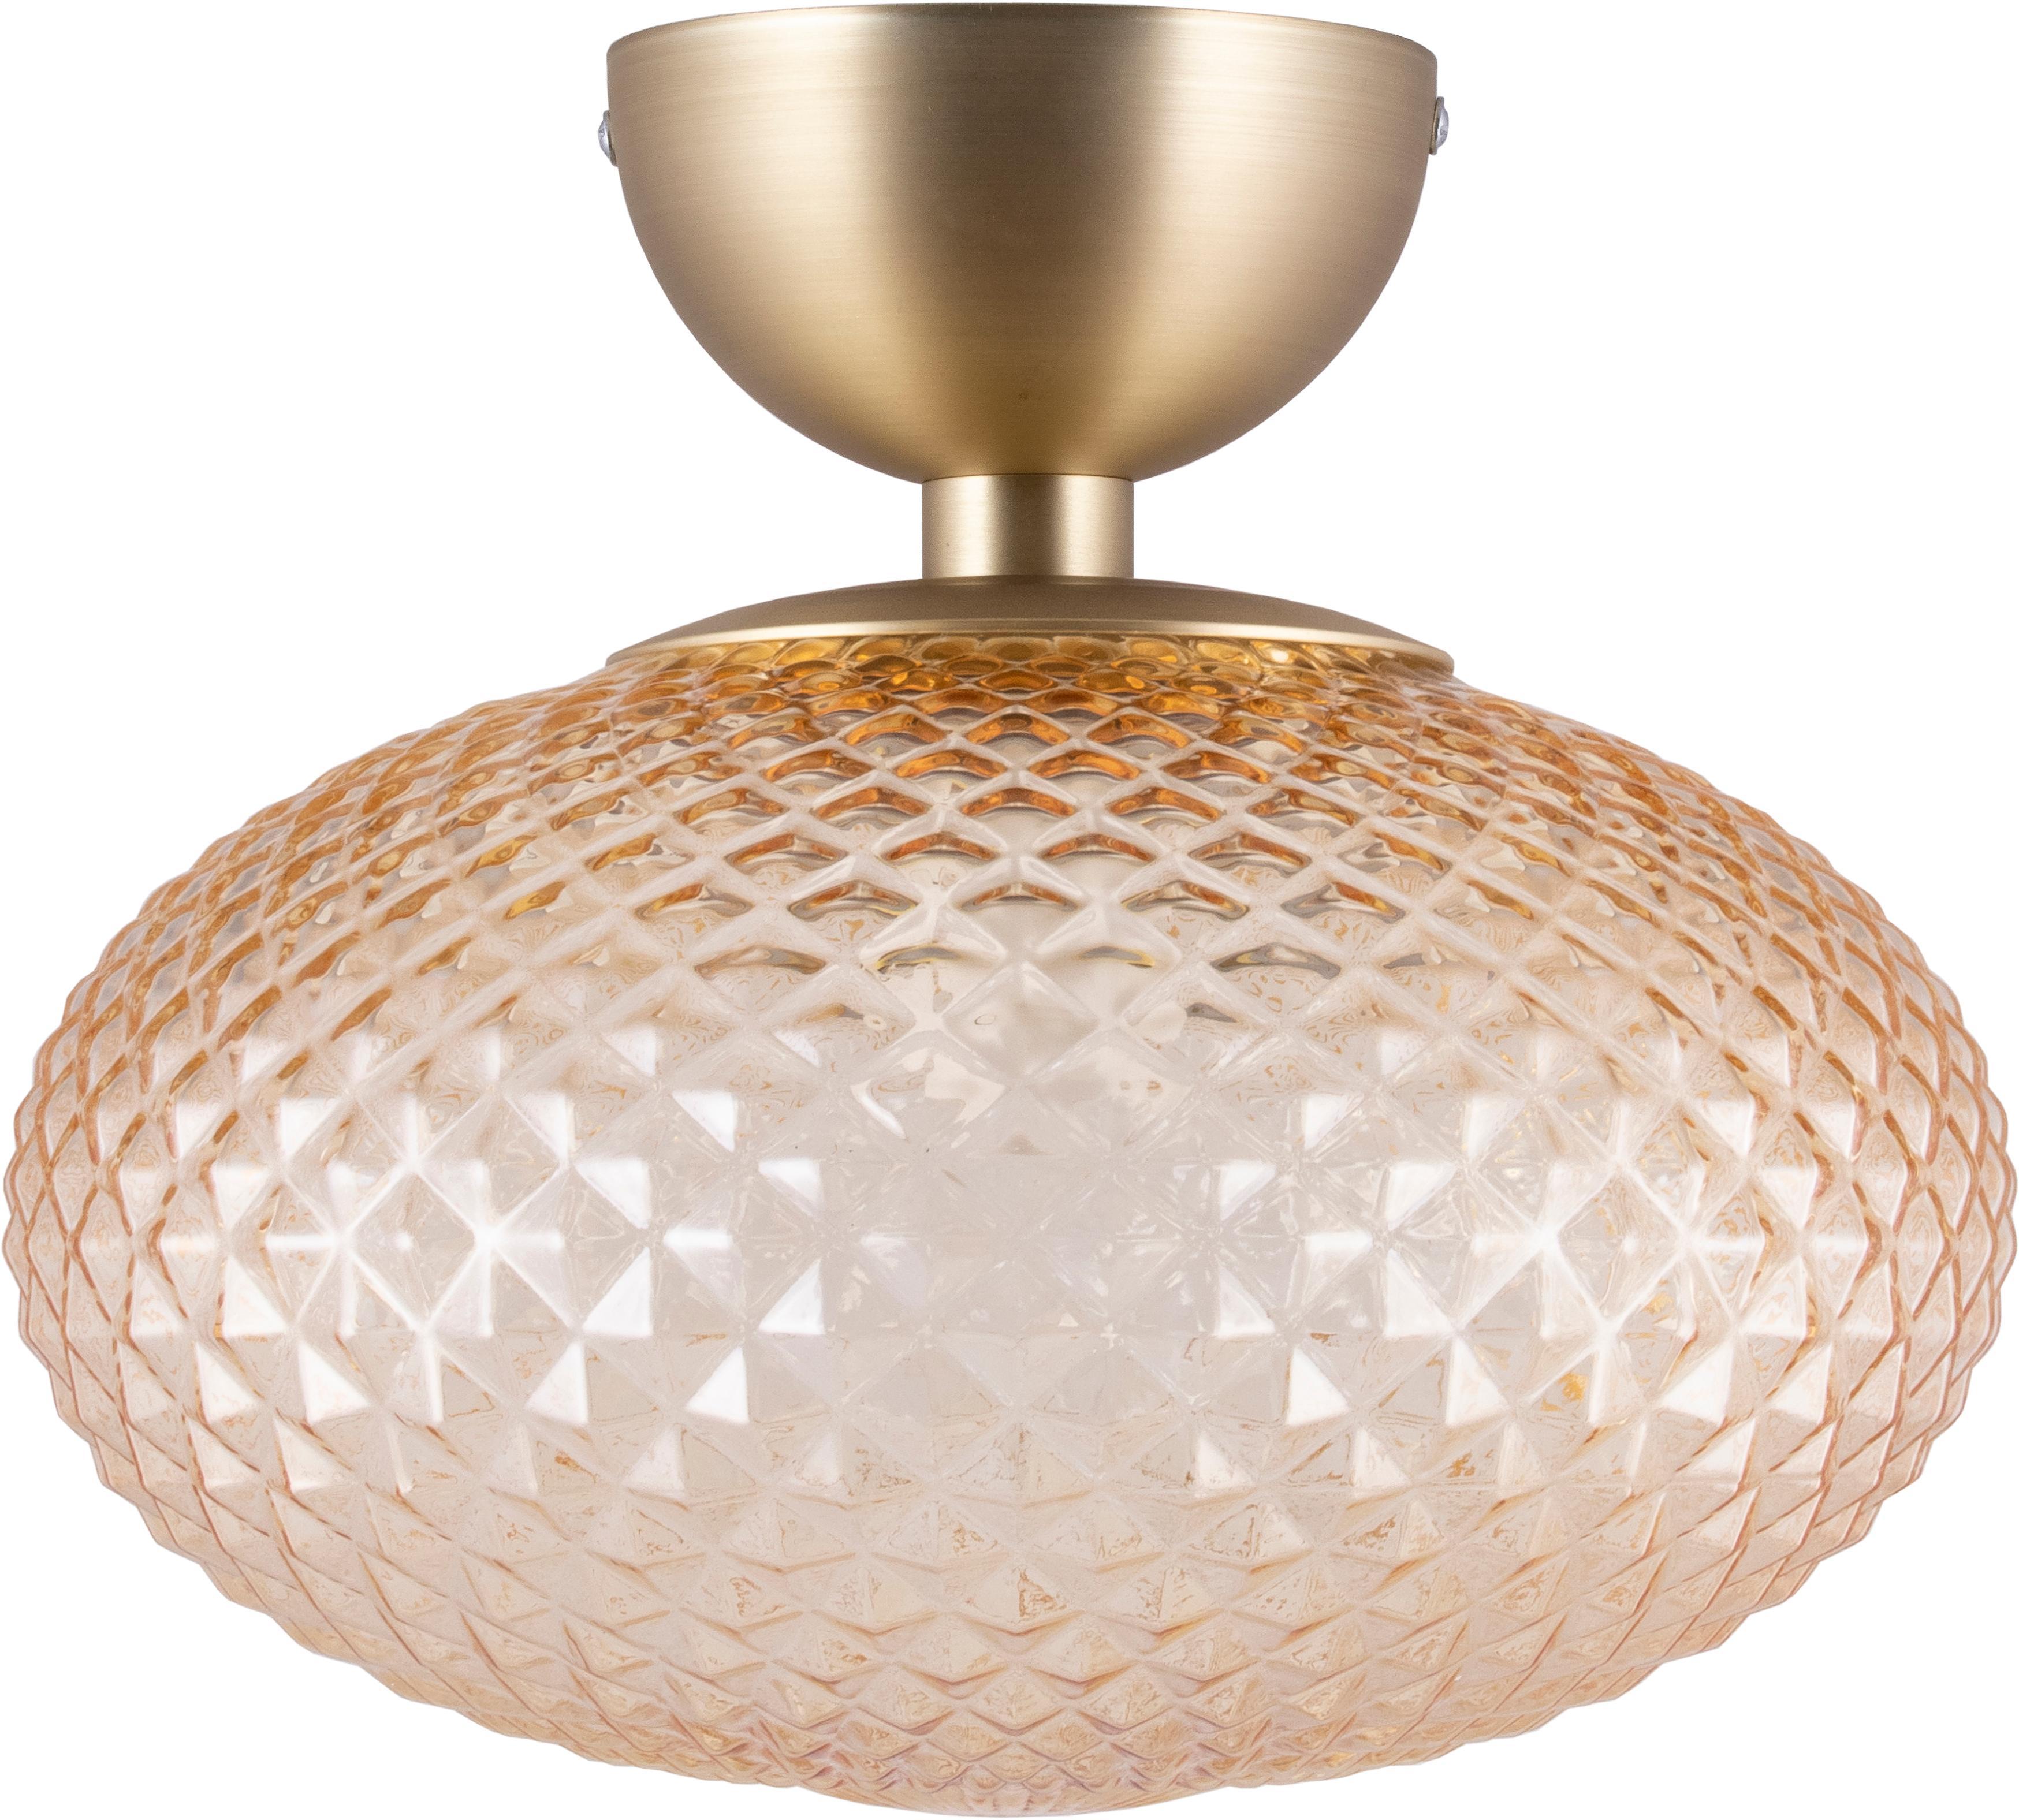 Deckenleuchte Jackson, Lampenschirm: Glas, Bernsteinfarben, Messing, Ø 28 x H 25 cm